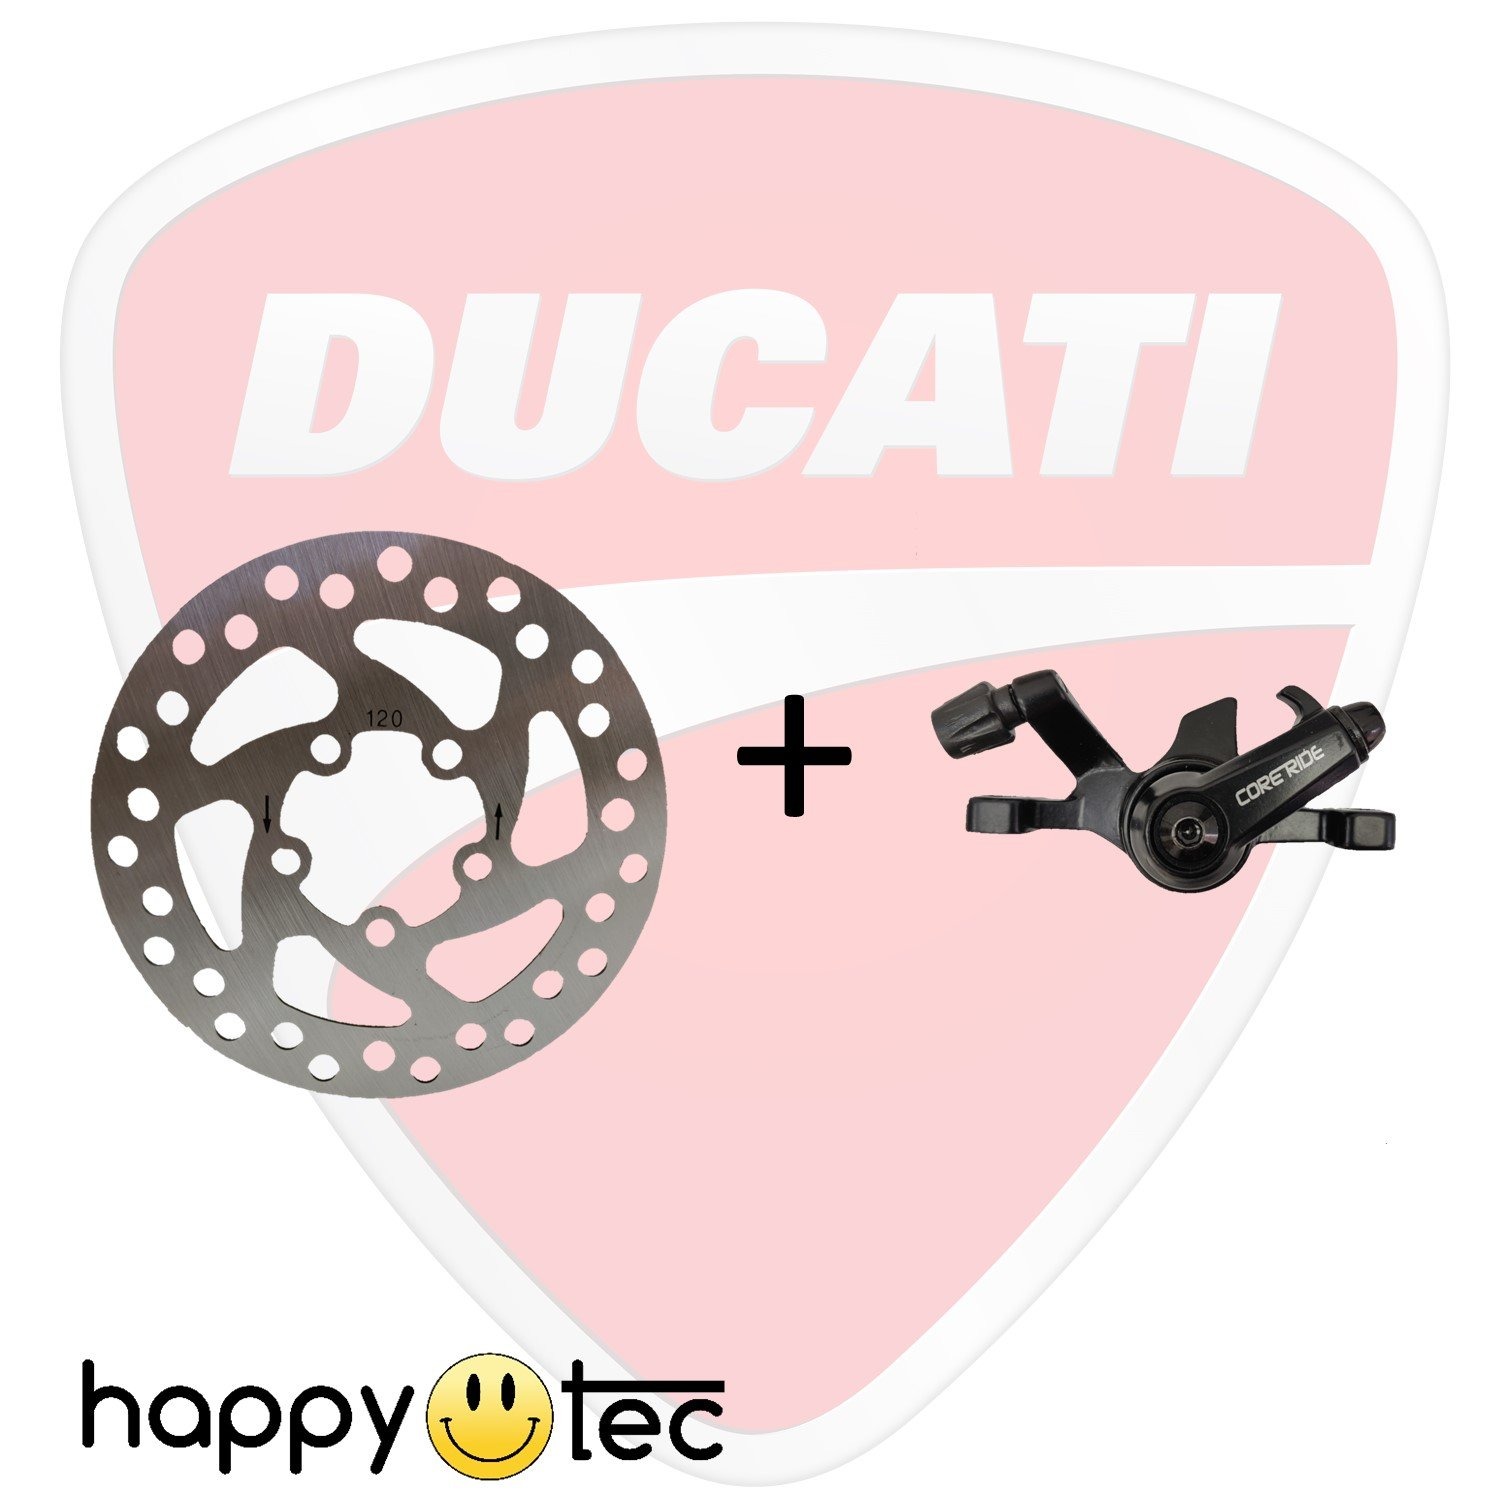 Kit pinza freno e disco originale per Ducati Pro 1 Plus